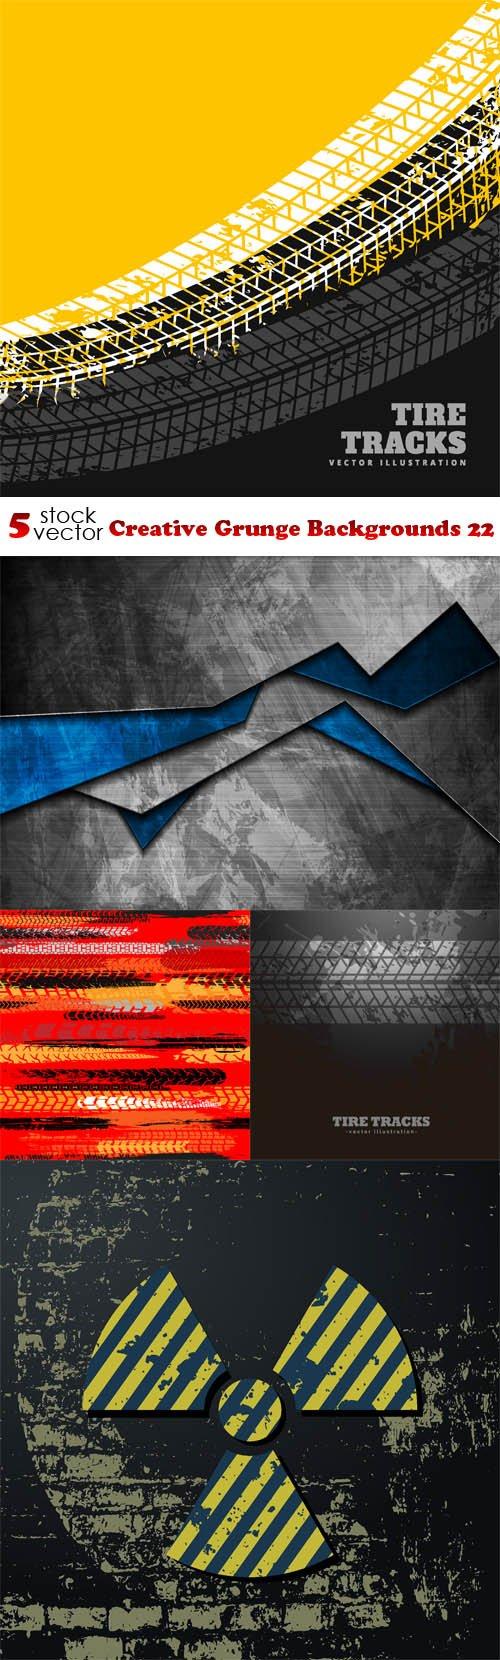 Vectors - Creative Grunge Backgrounds 22